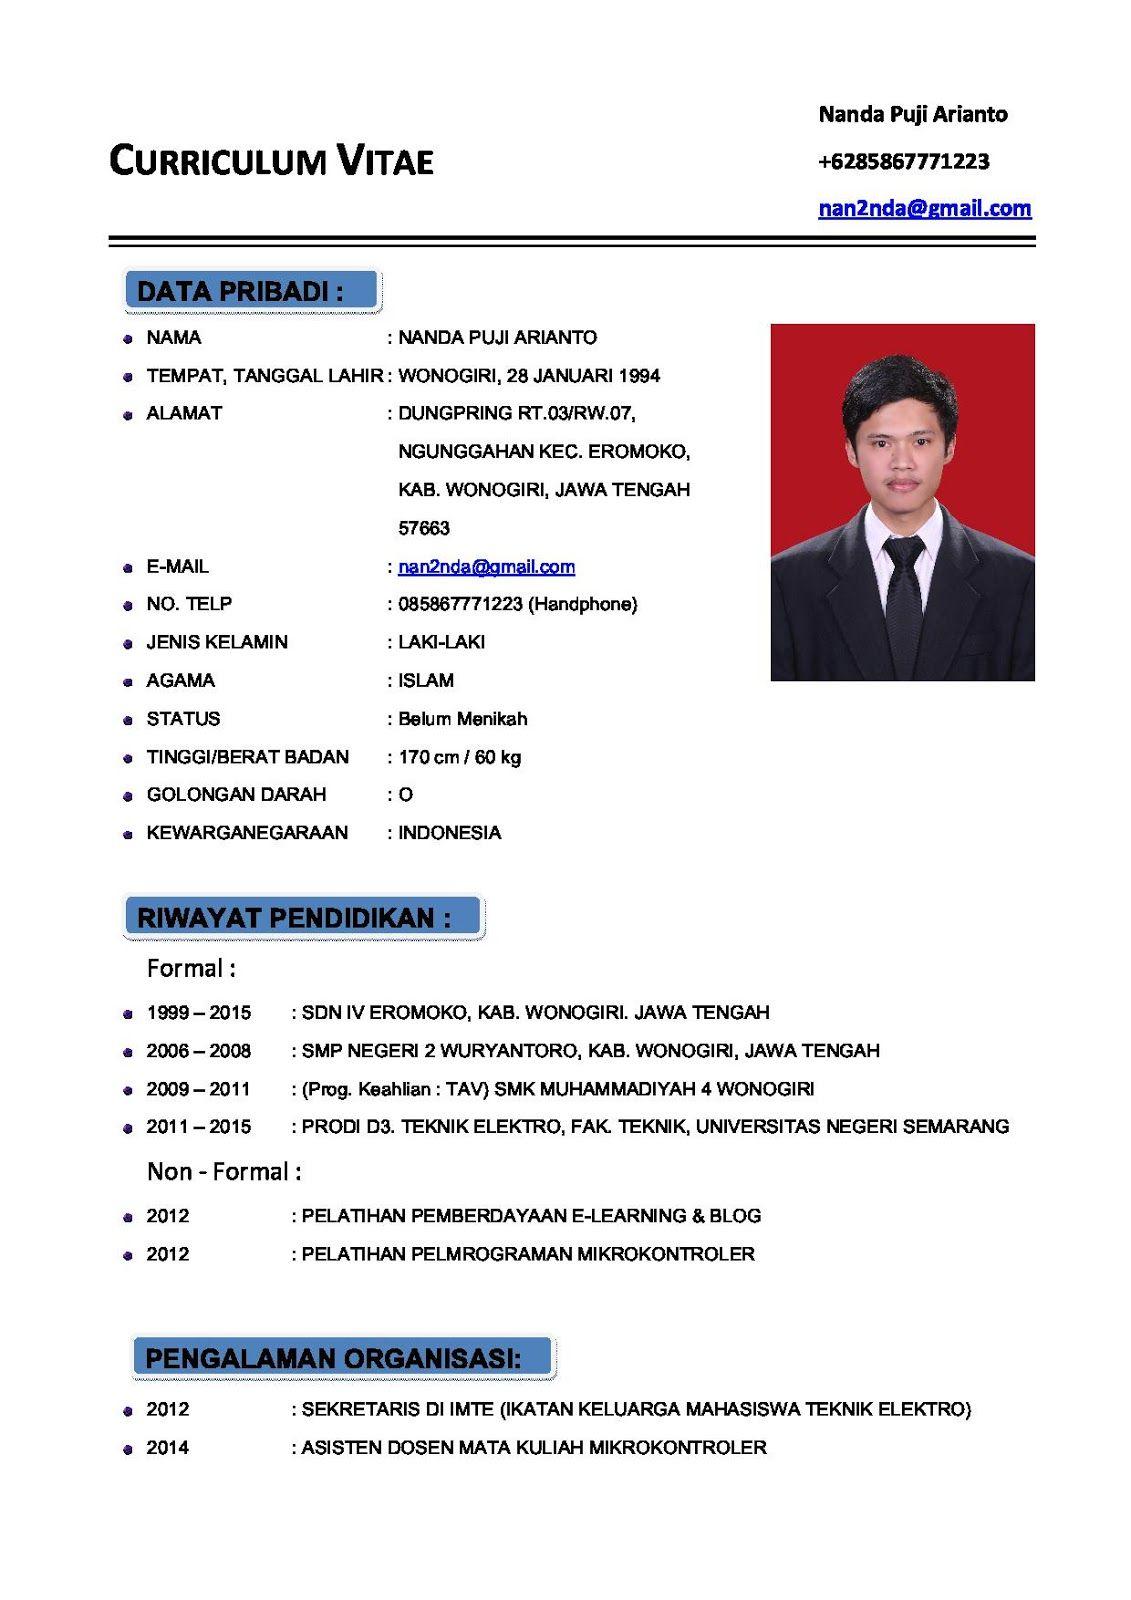 Contoh CV (Curriculum Vitae) atau Daftar Riwayat Hidup